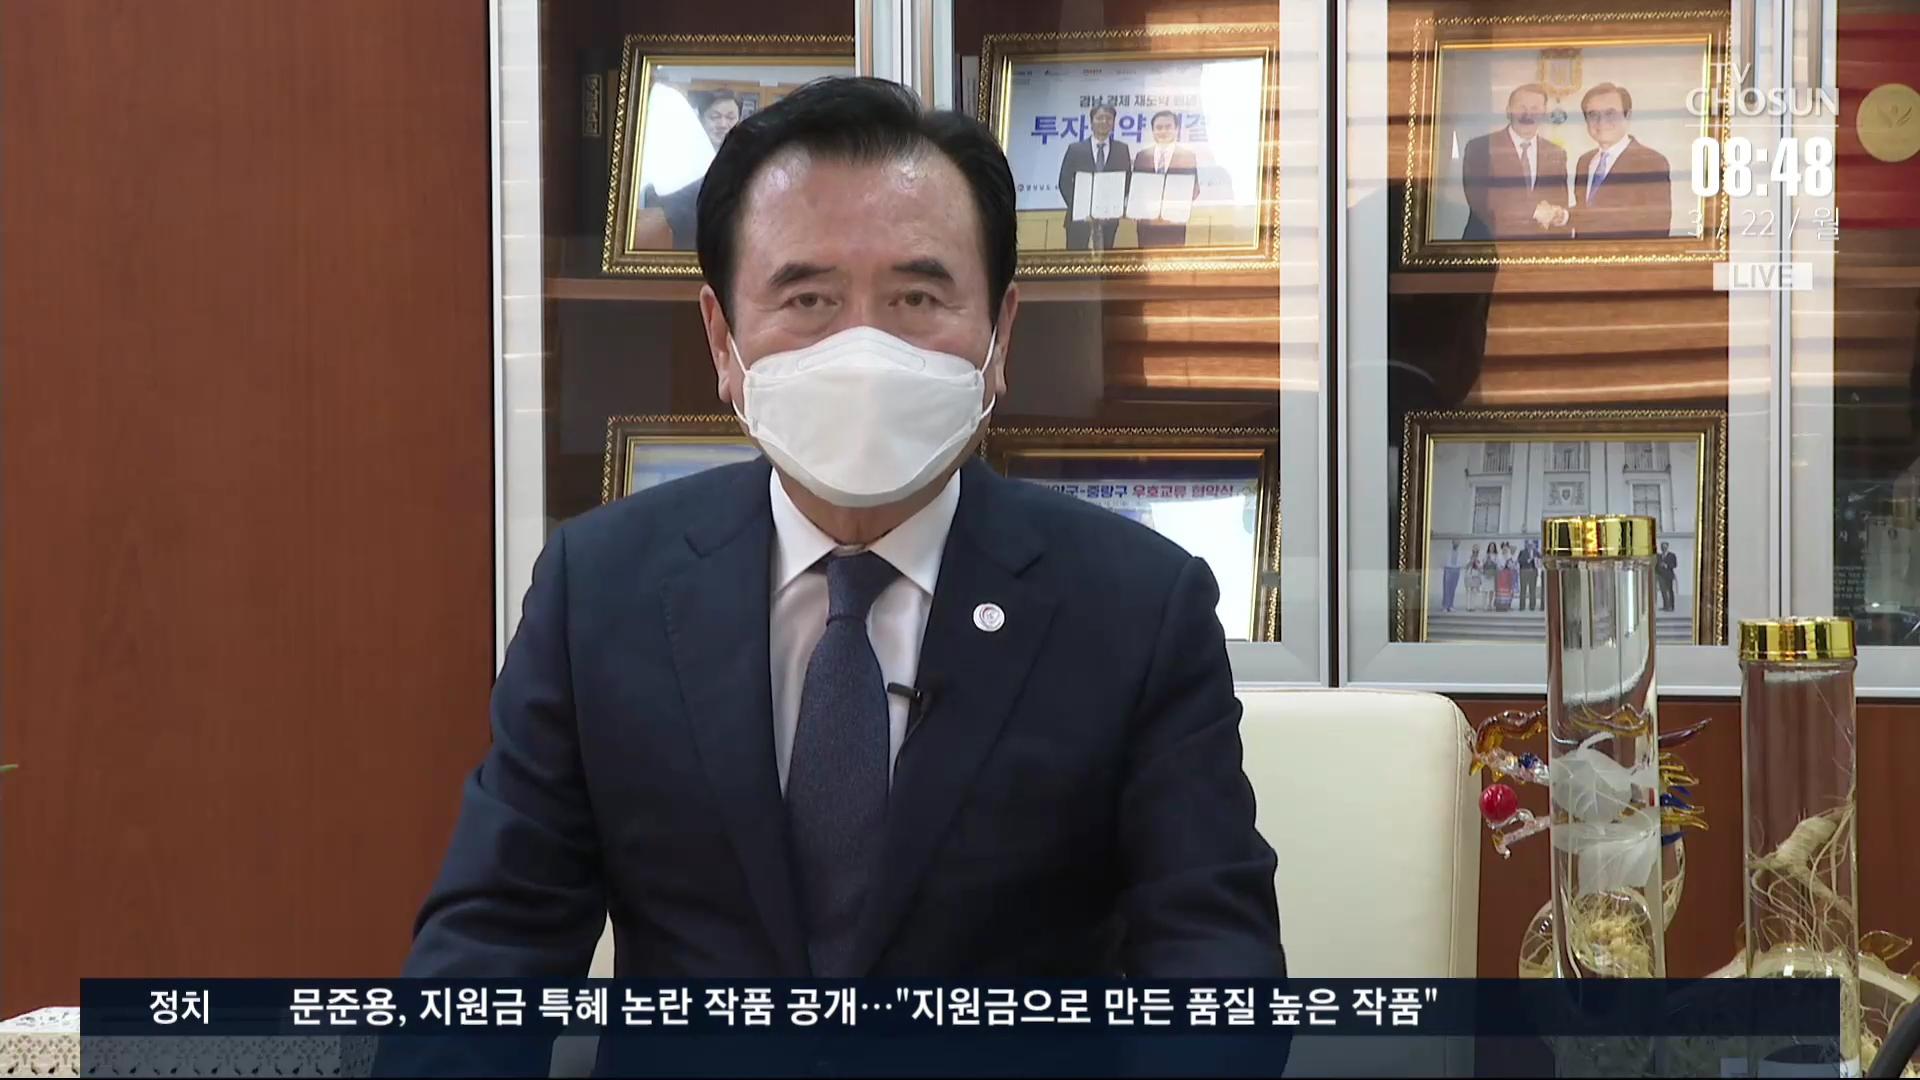 [네트워크 초대석] 서춘수 함양군수 '항노화엑스포로 산삼의 고장 알릴 것'